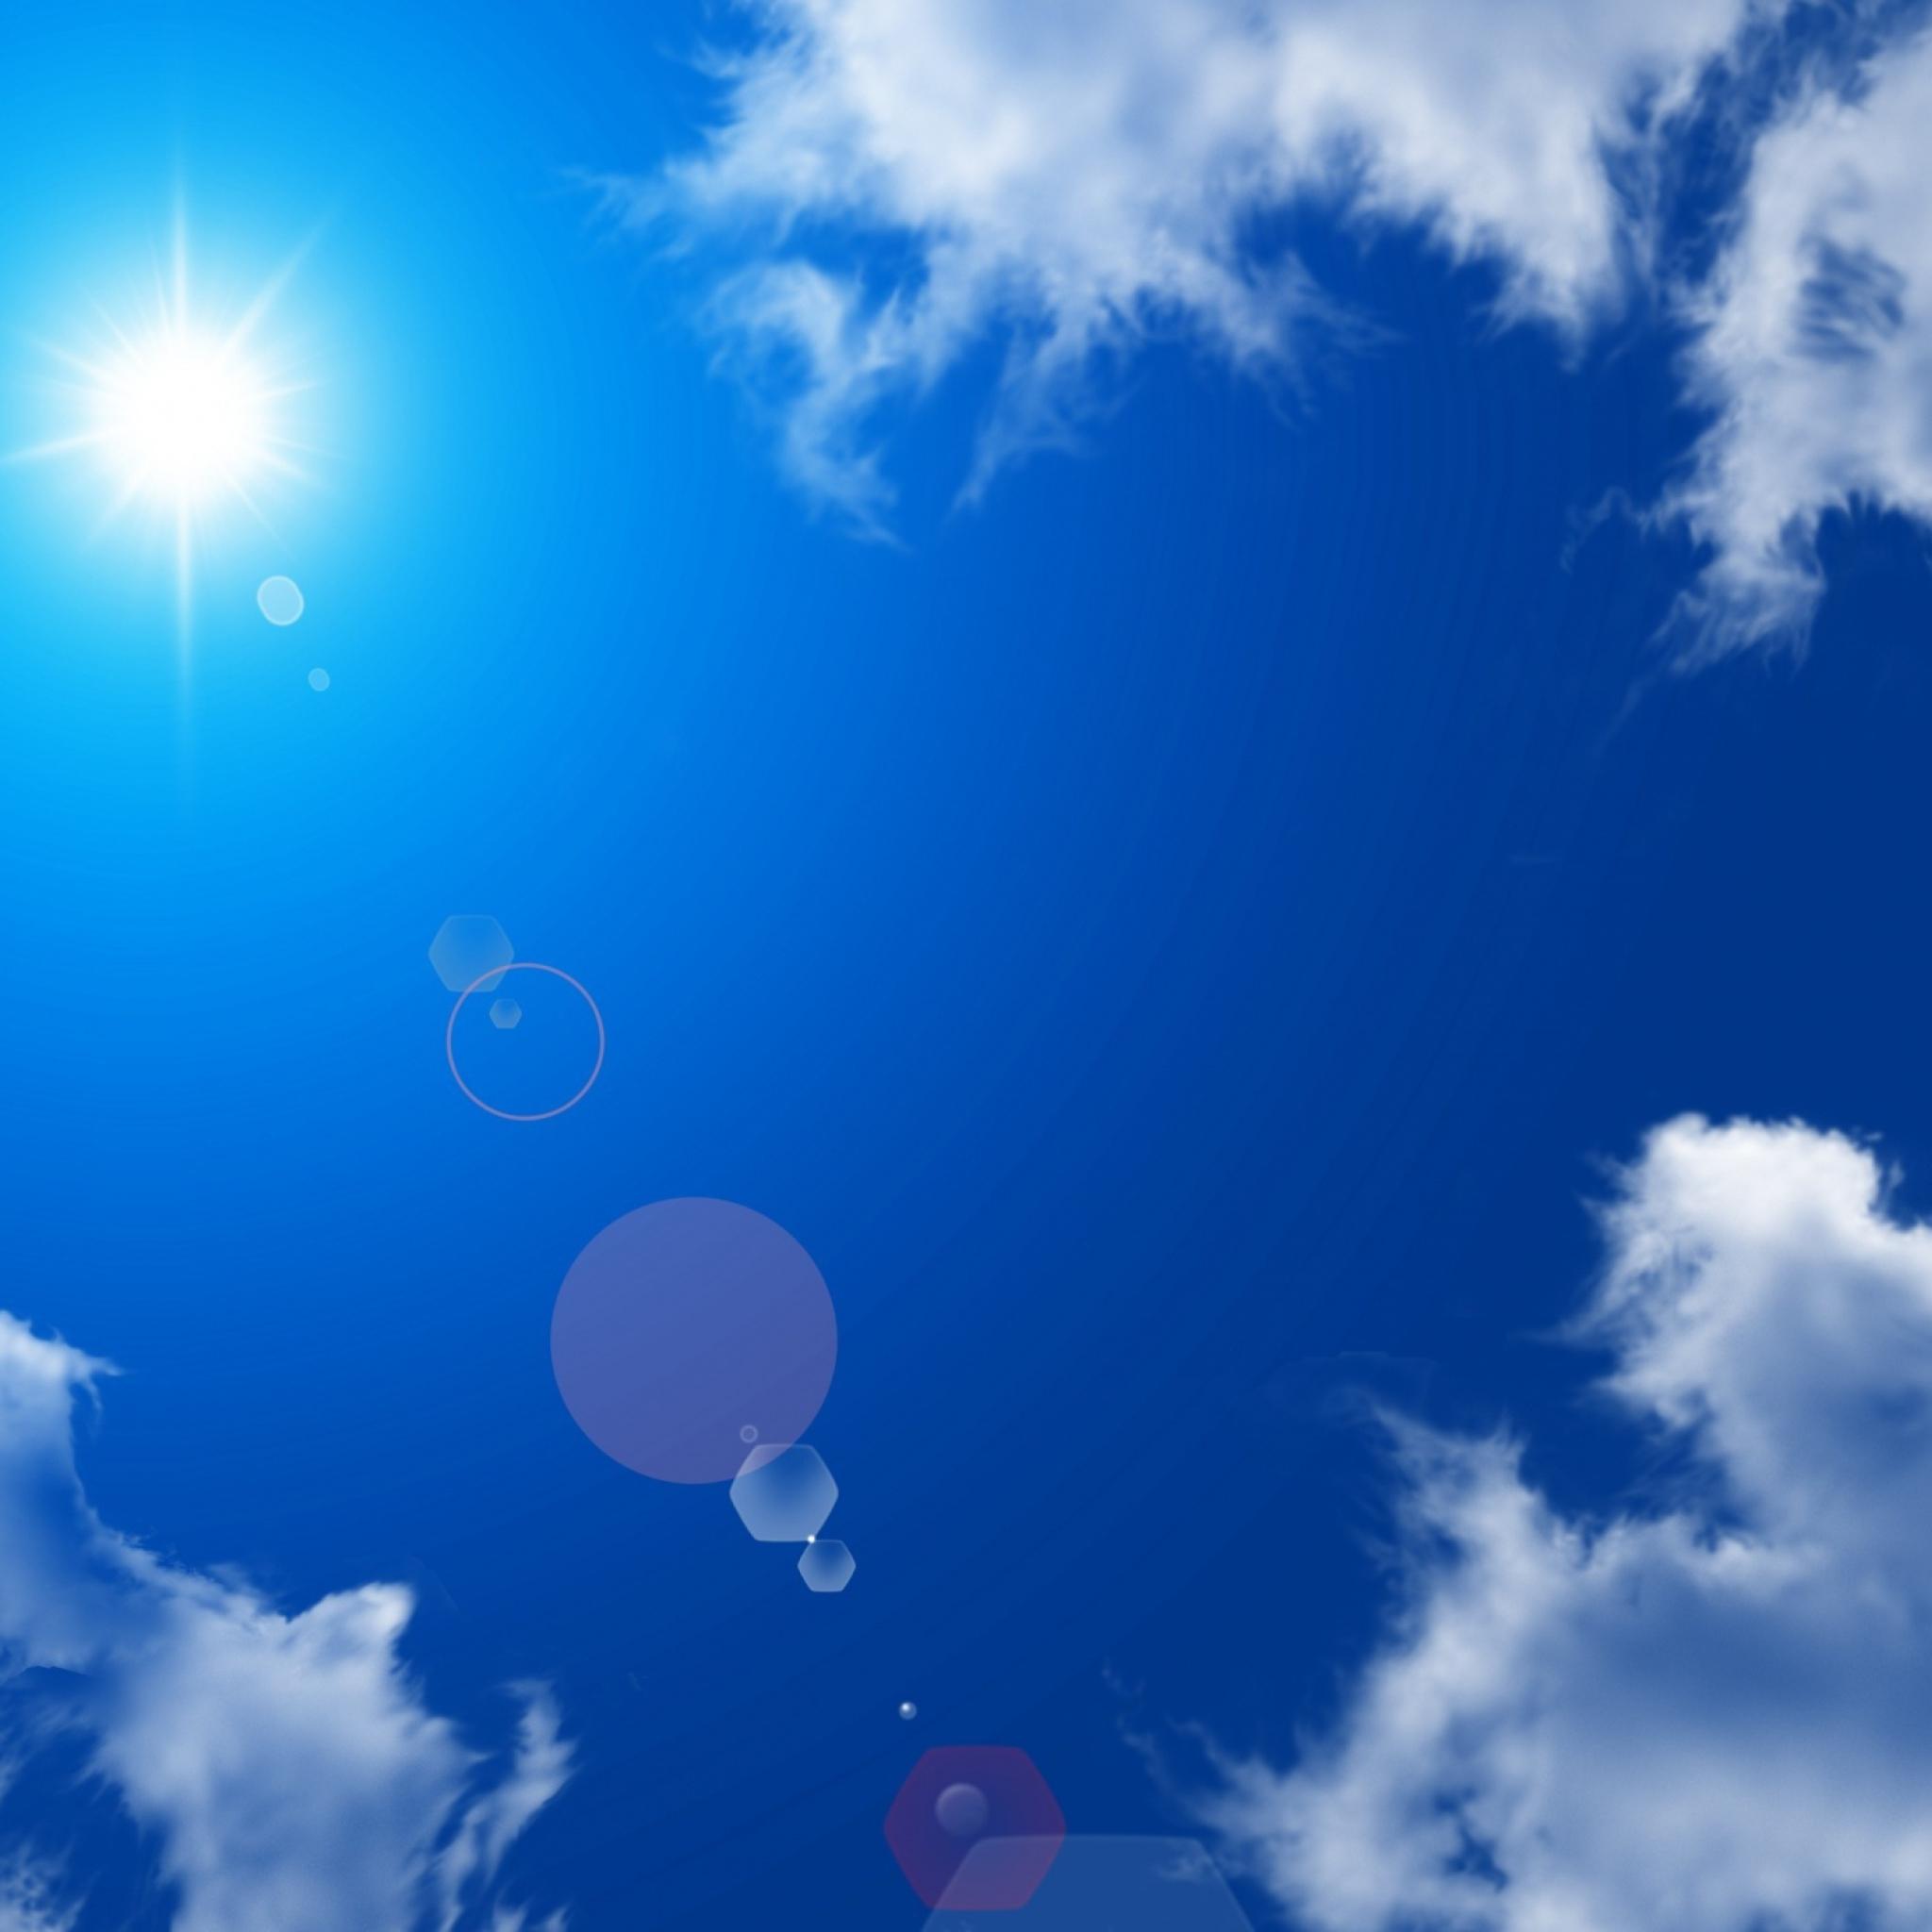 красивой, стильной картинки на телефон голубое небо бюстгальтеры бесплатной доставкой